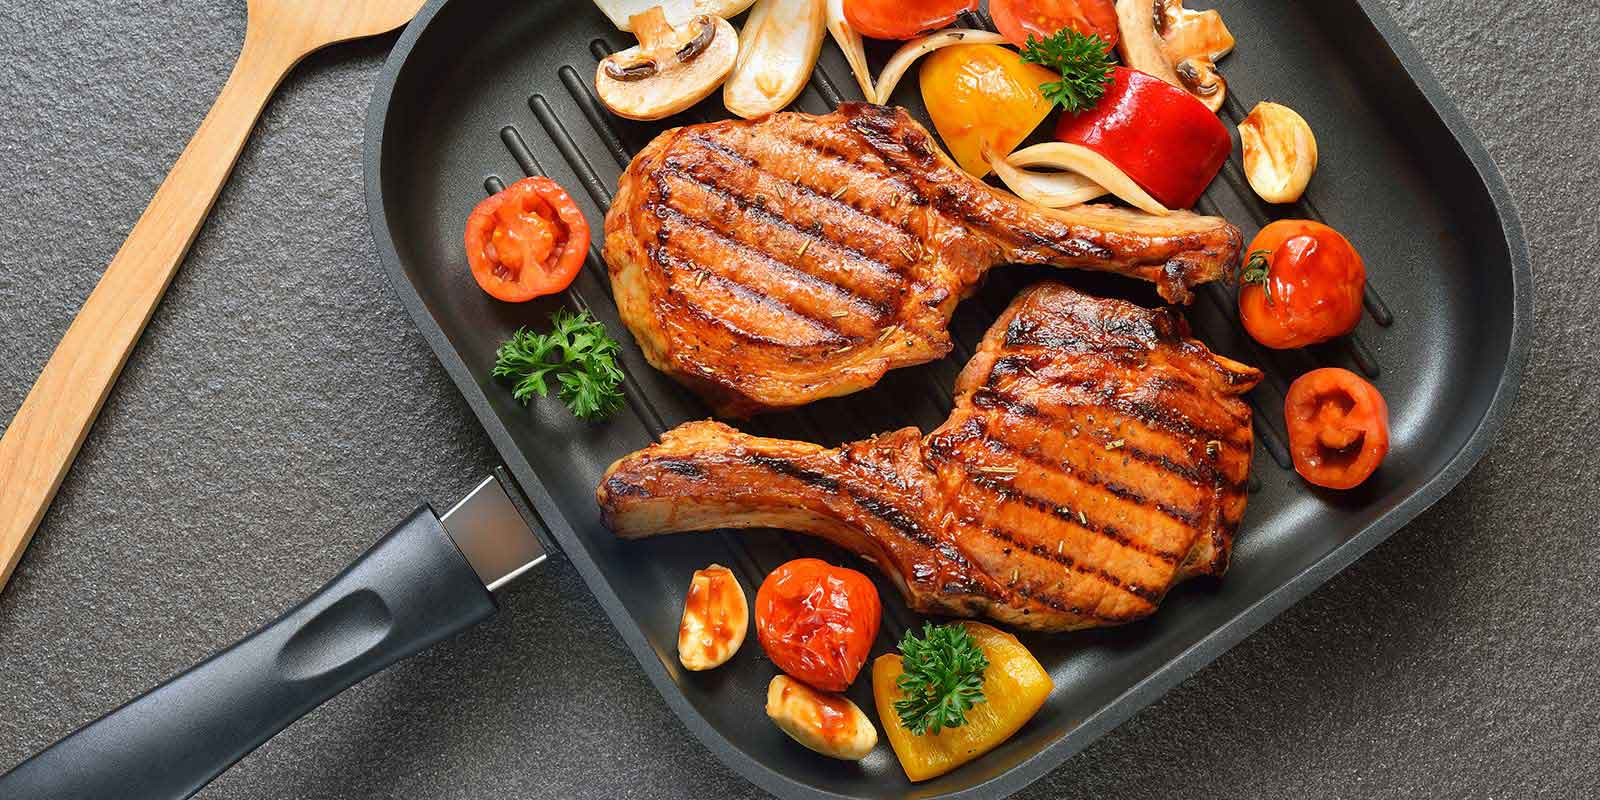 сковорода гриль с едой